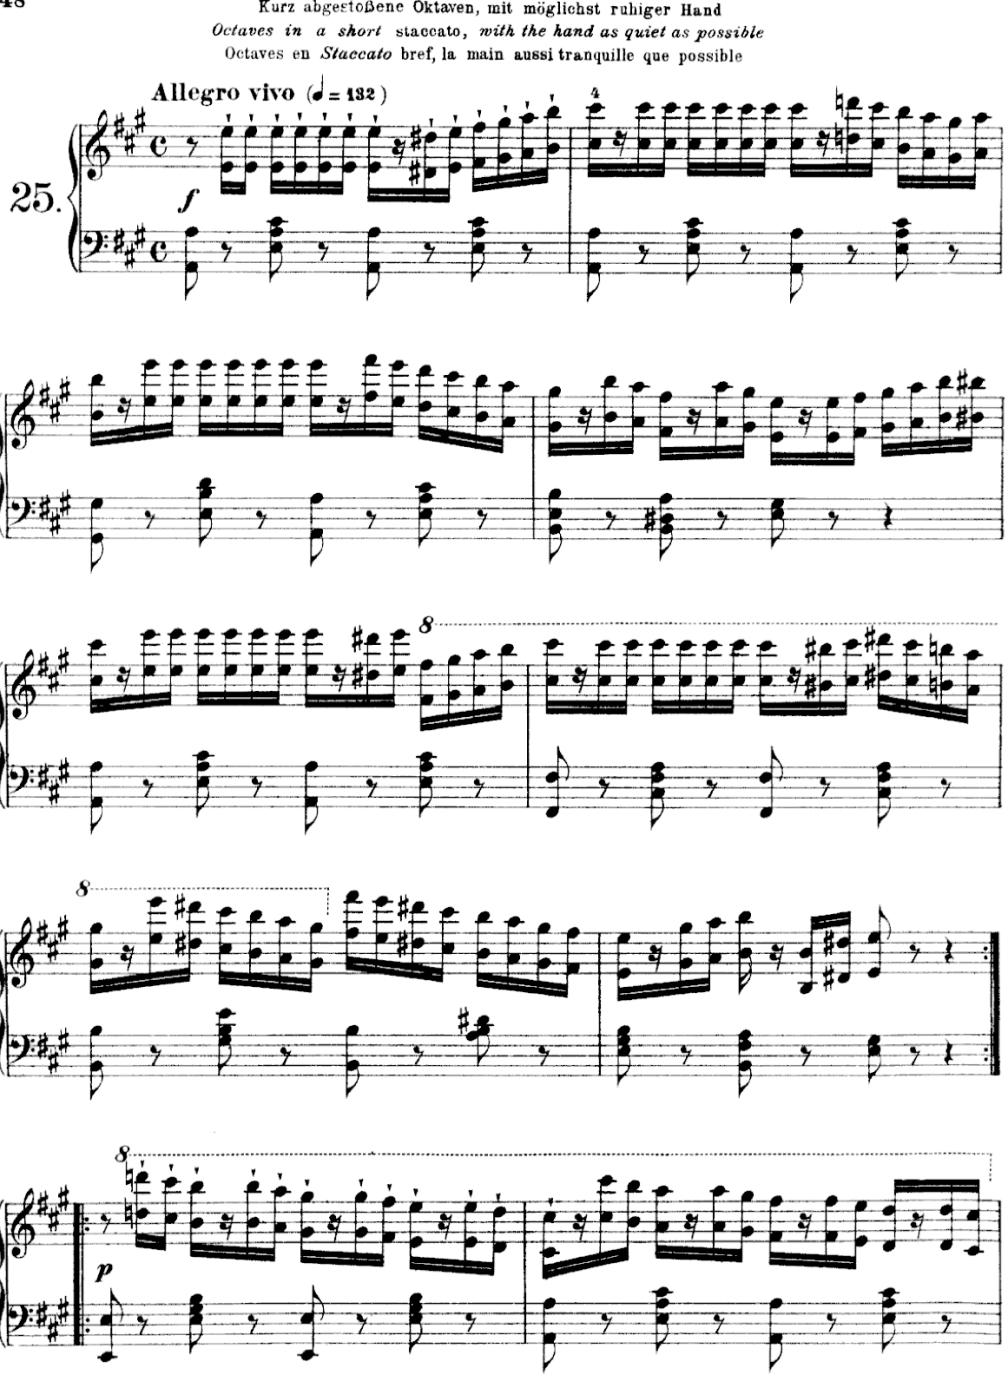 Czerny A octaves